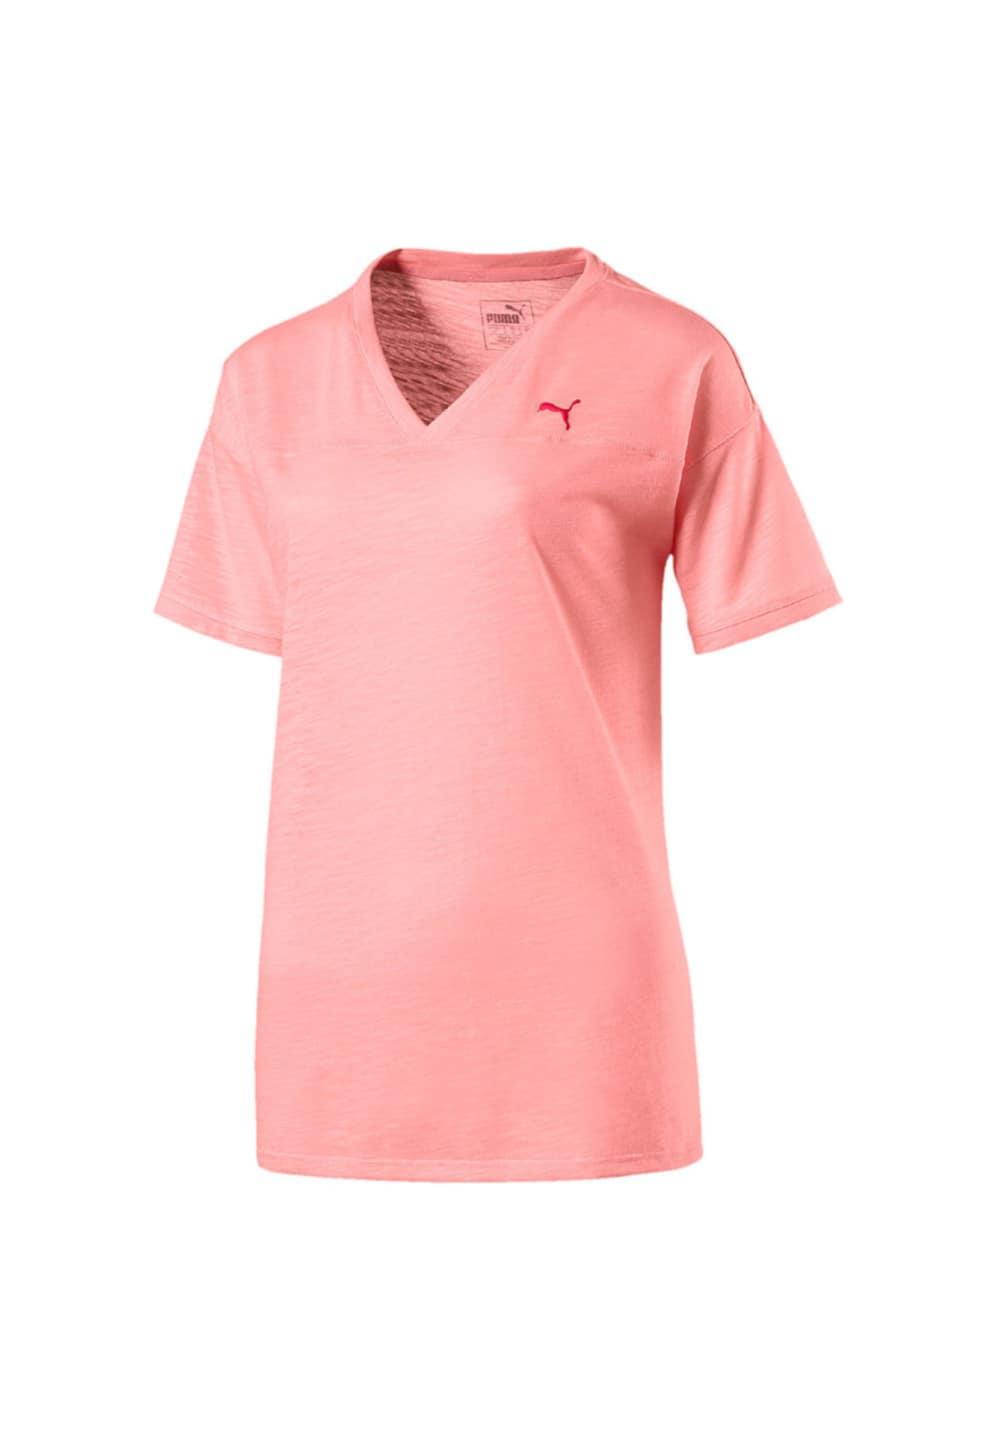 Puma Boyfriend Tee - Laufshirts für Damen - Pink, Gr. M